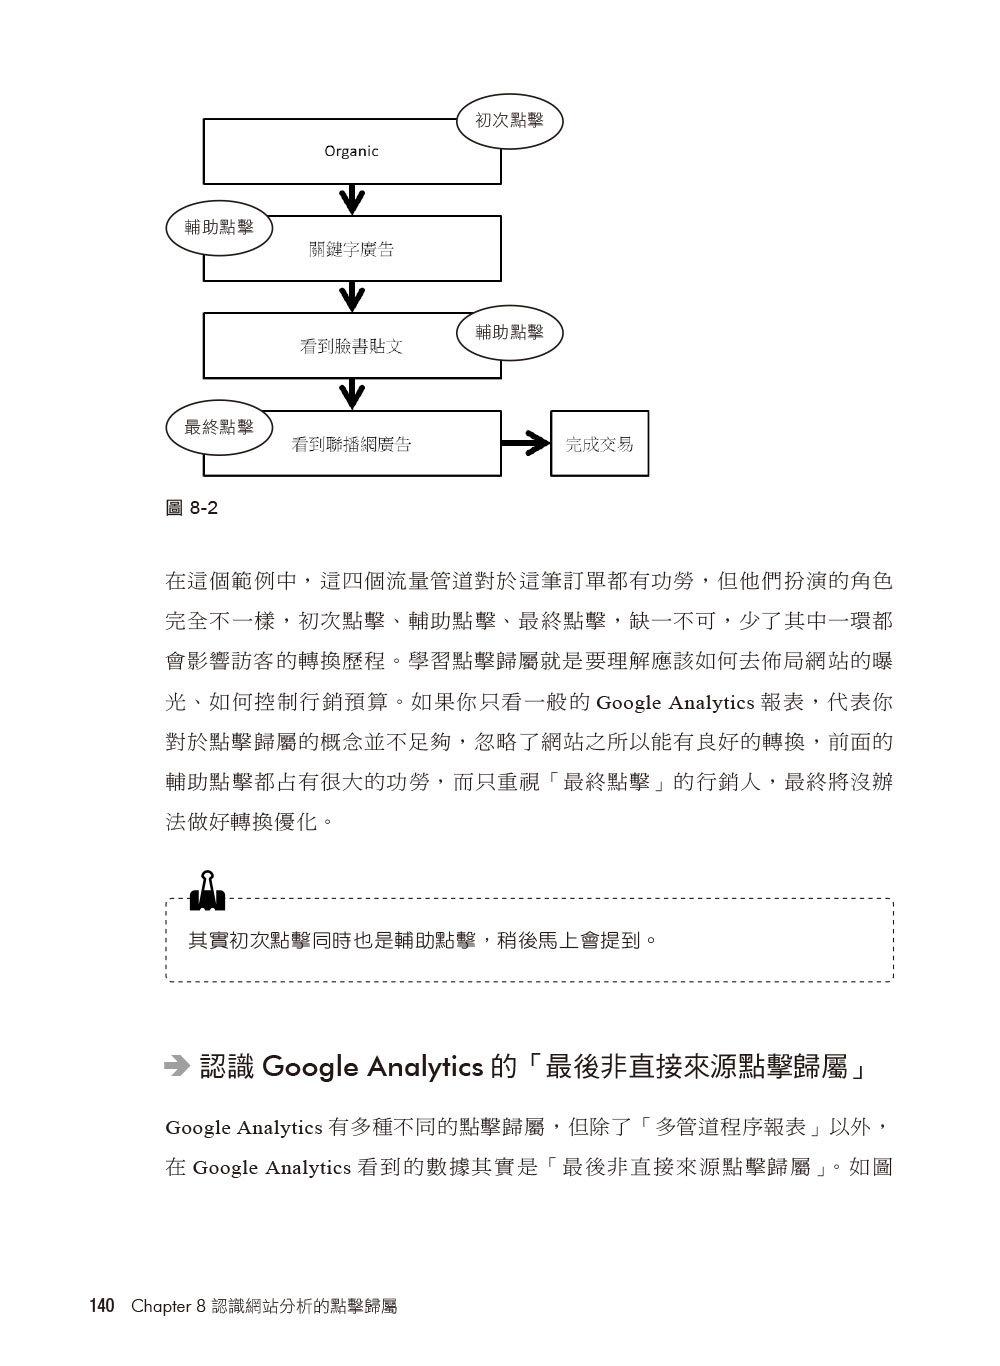 剖析 Google Analytics:從報表理解到實作 (增訂版)-preview-2